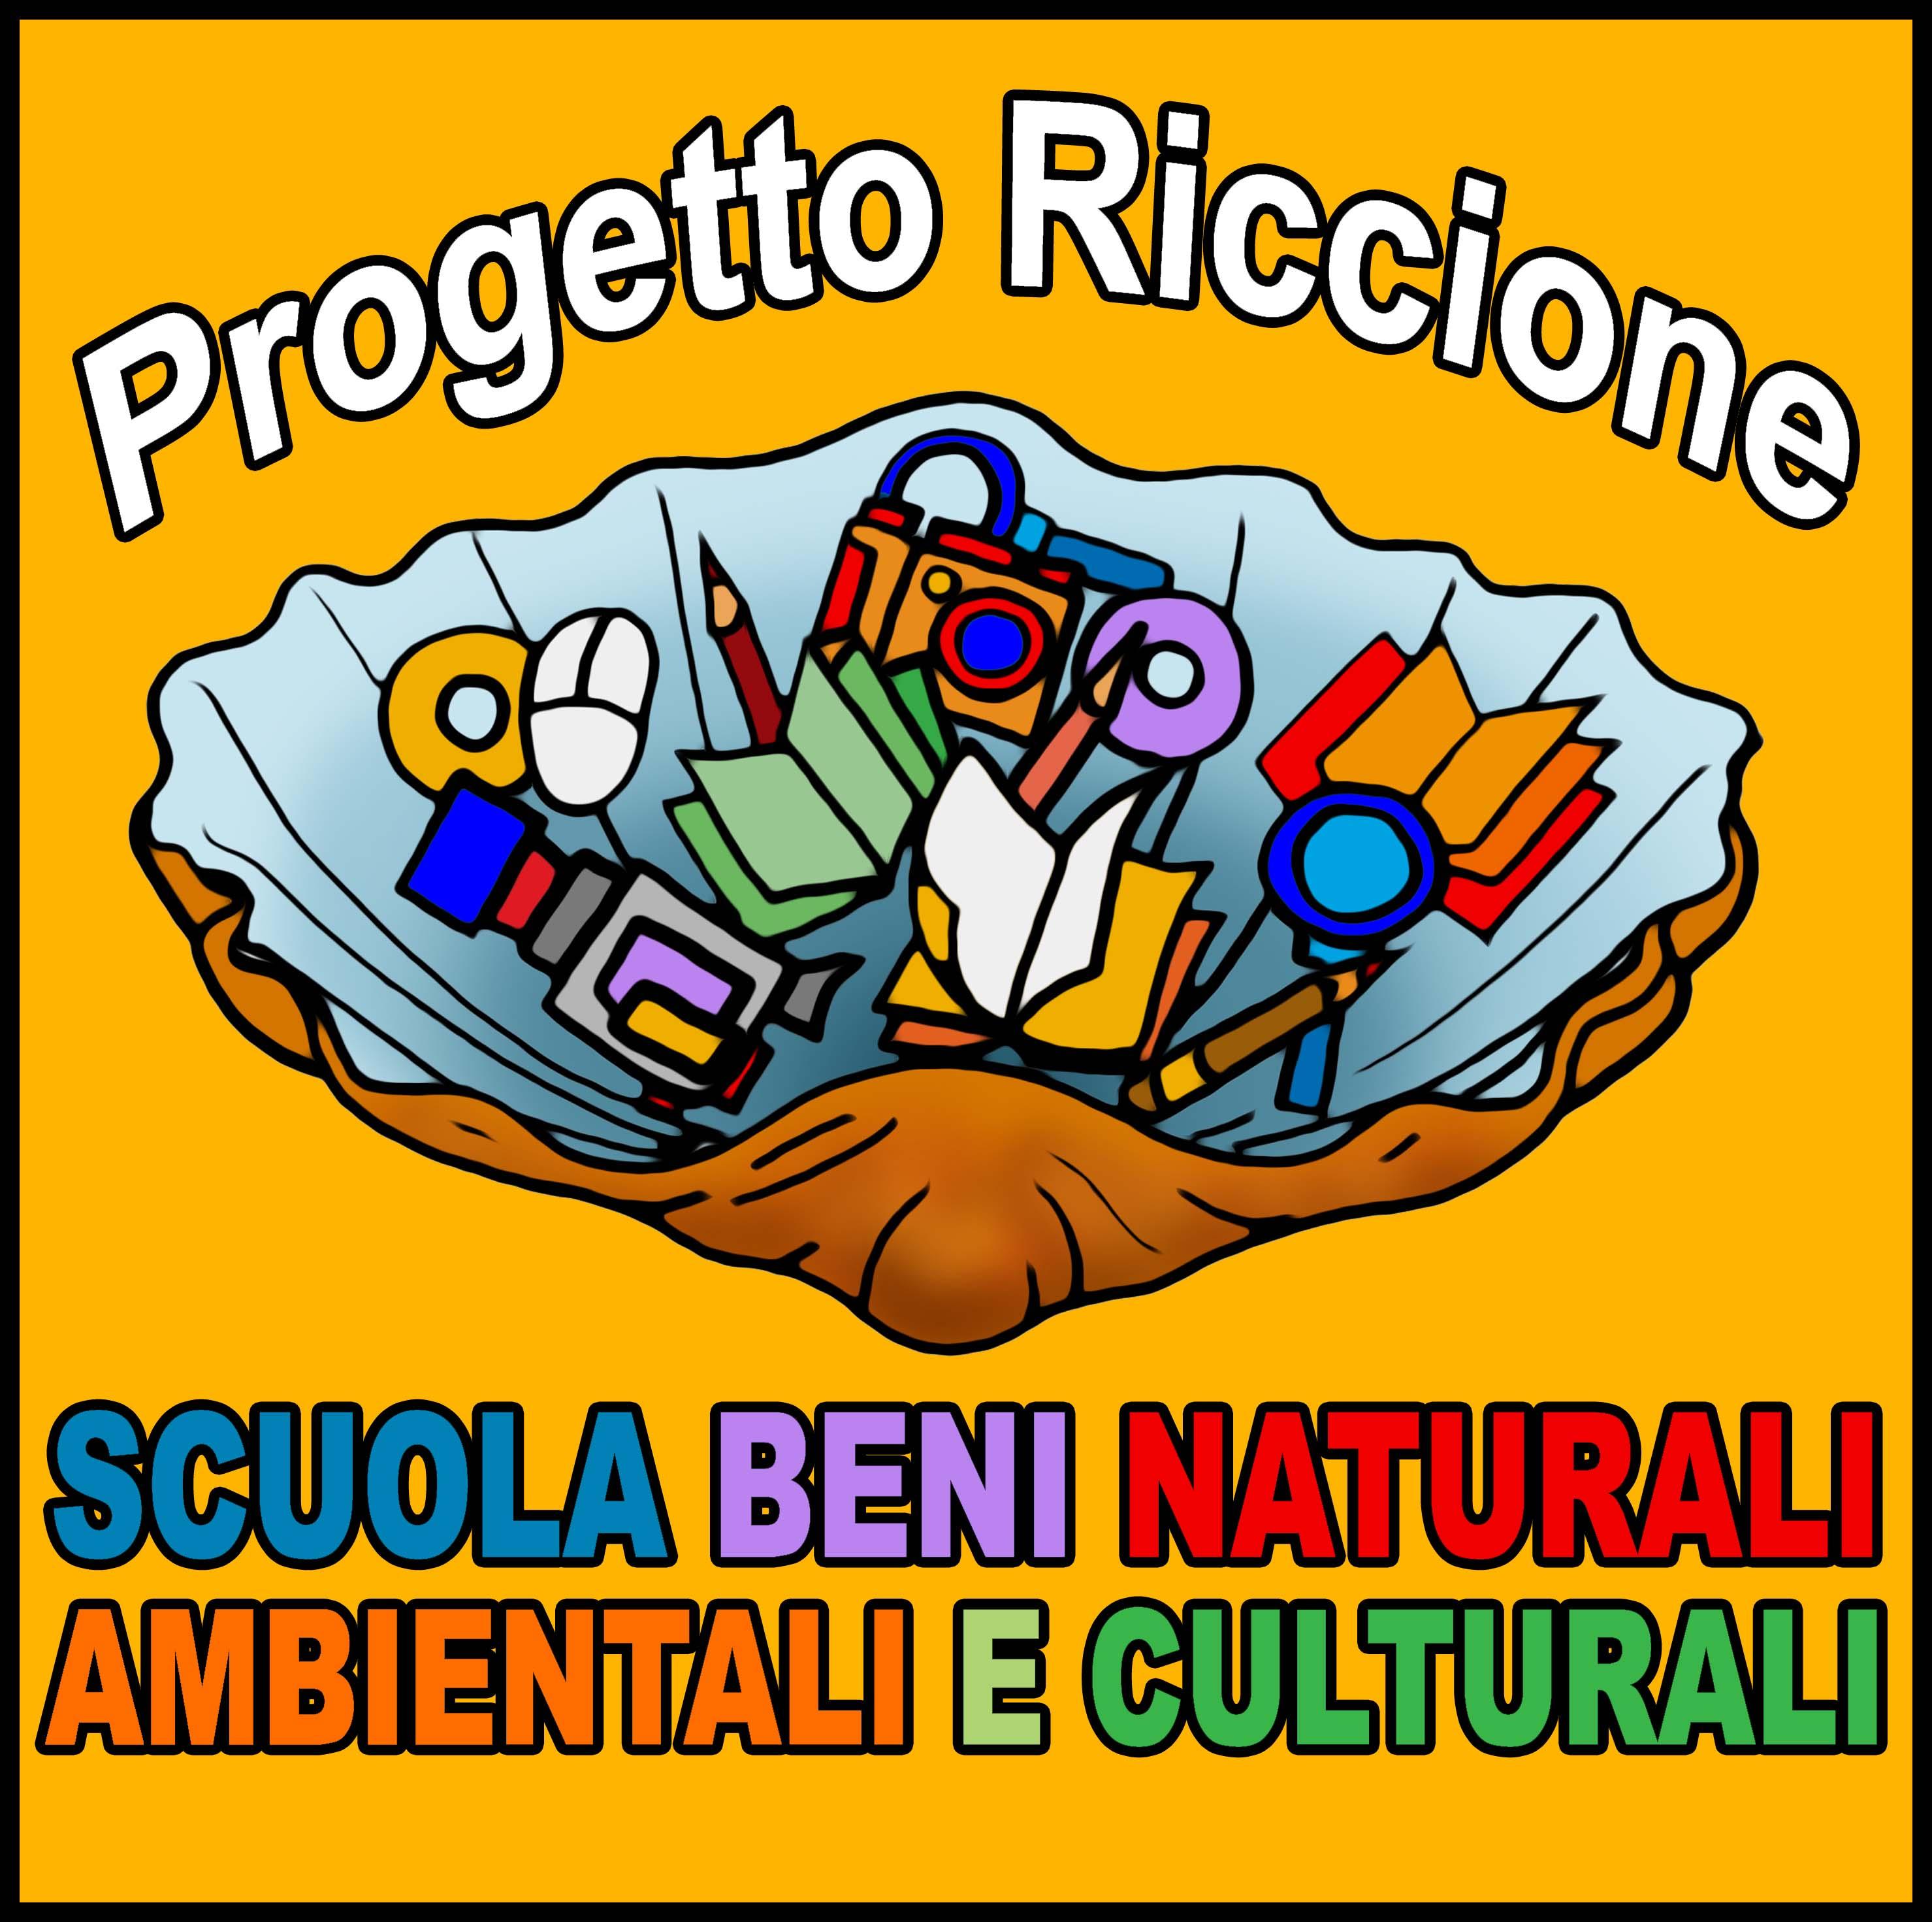 Progetto Riccione - Scuola Beni Naturali Ambientali Culturali